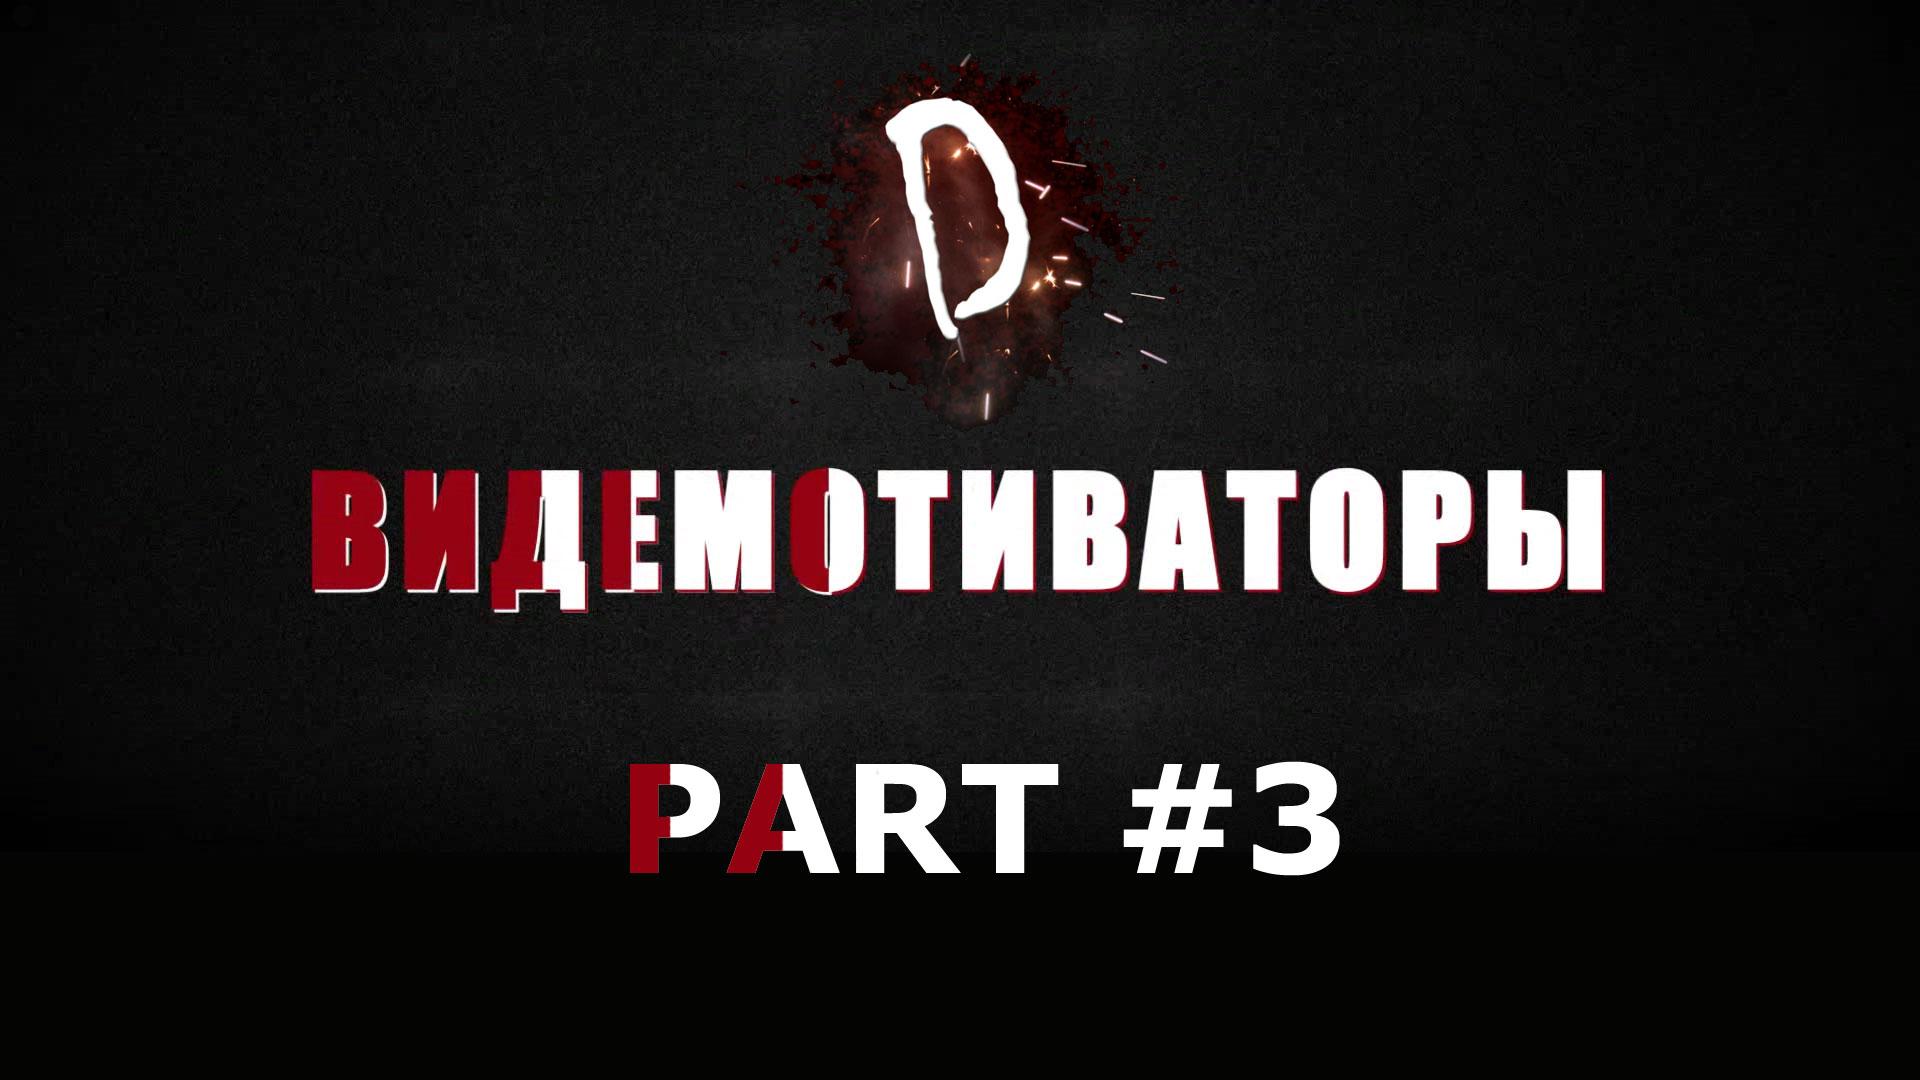 Видемотиваторы part #3